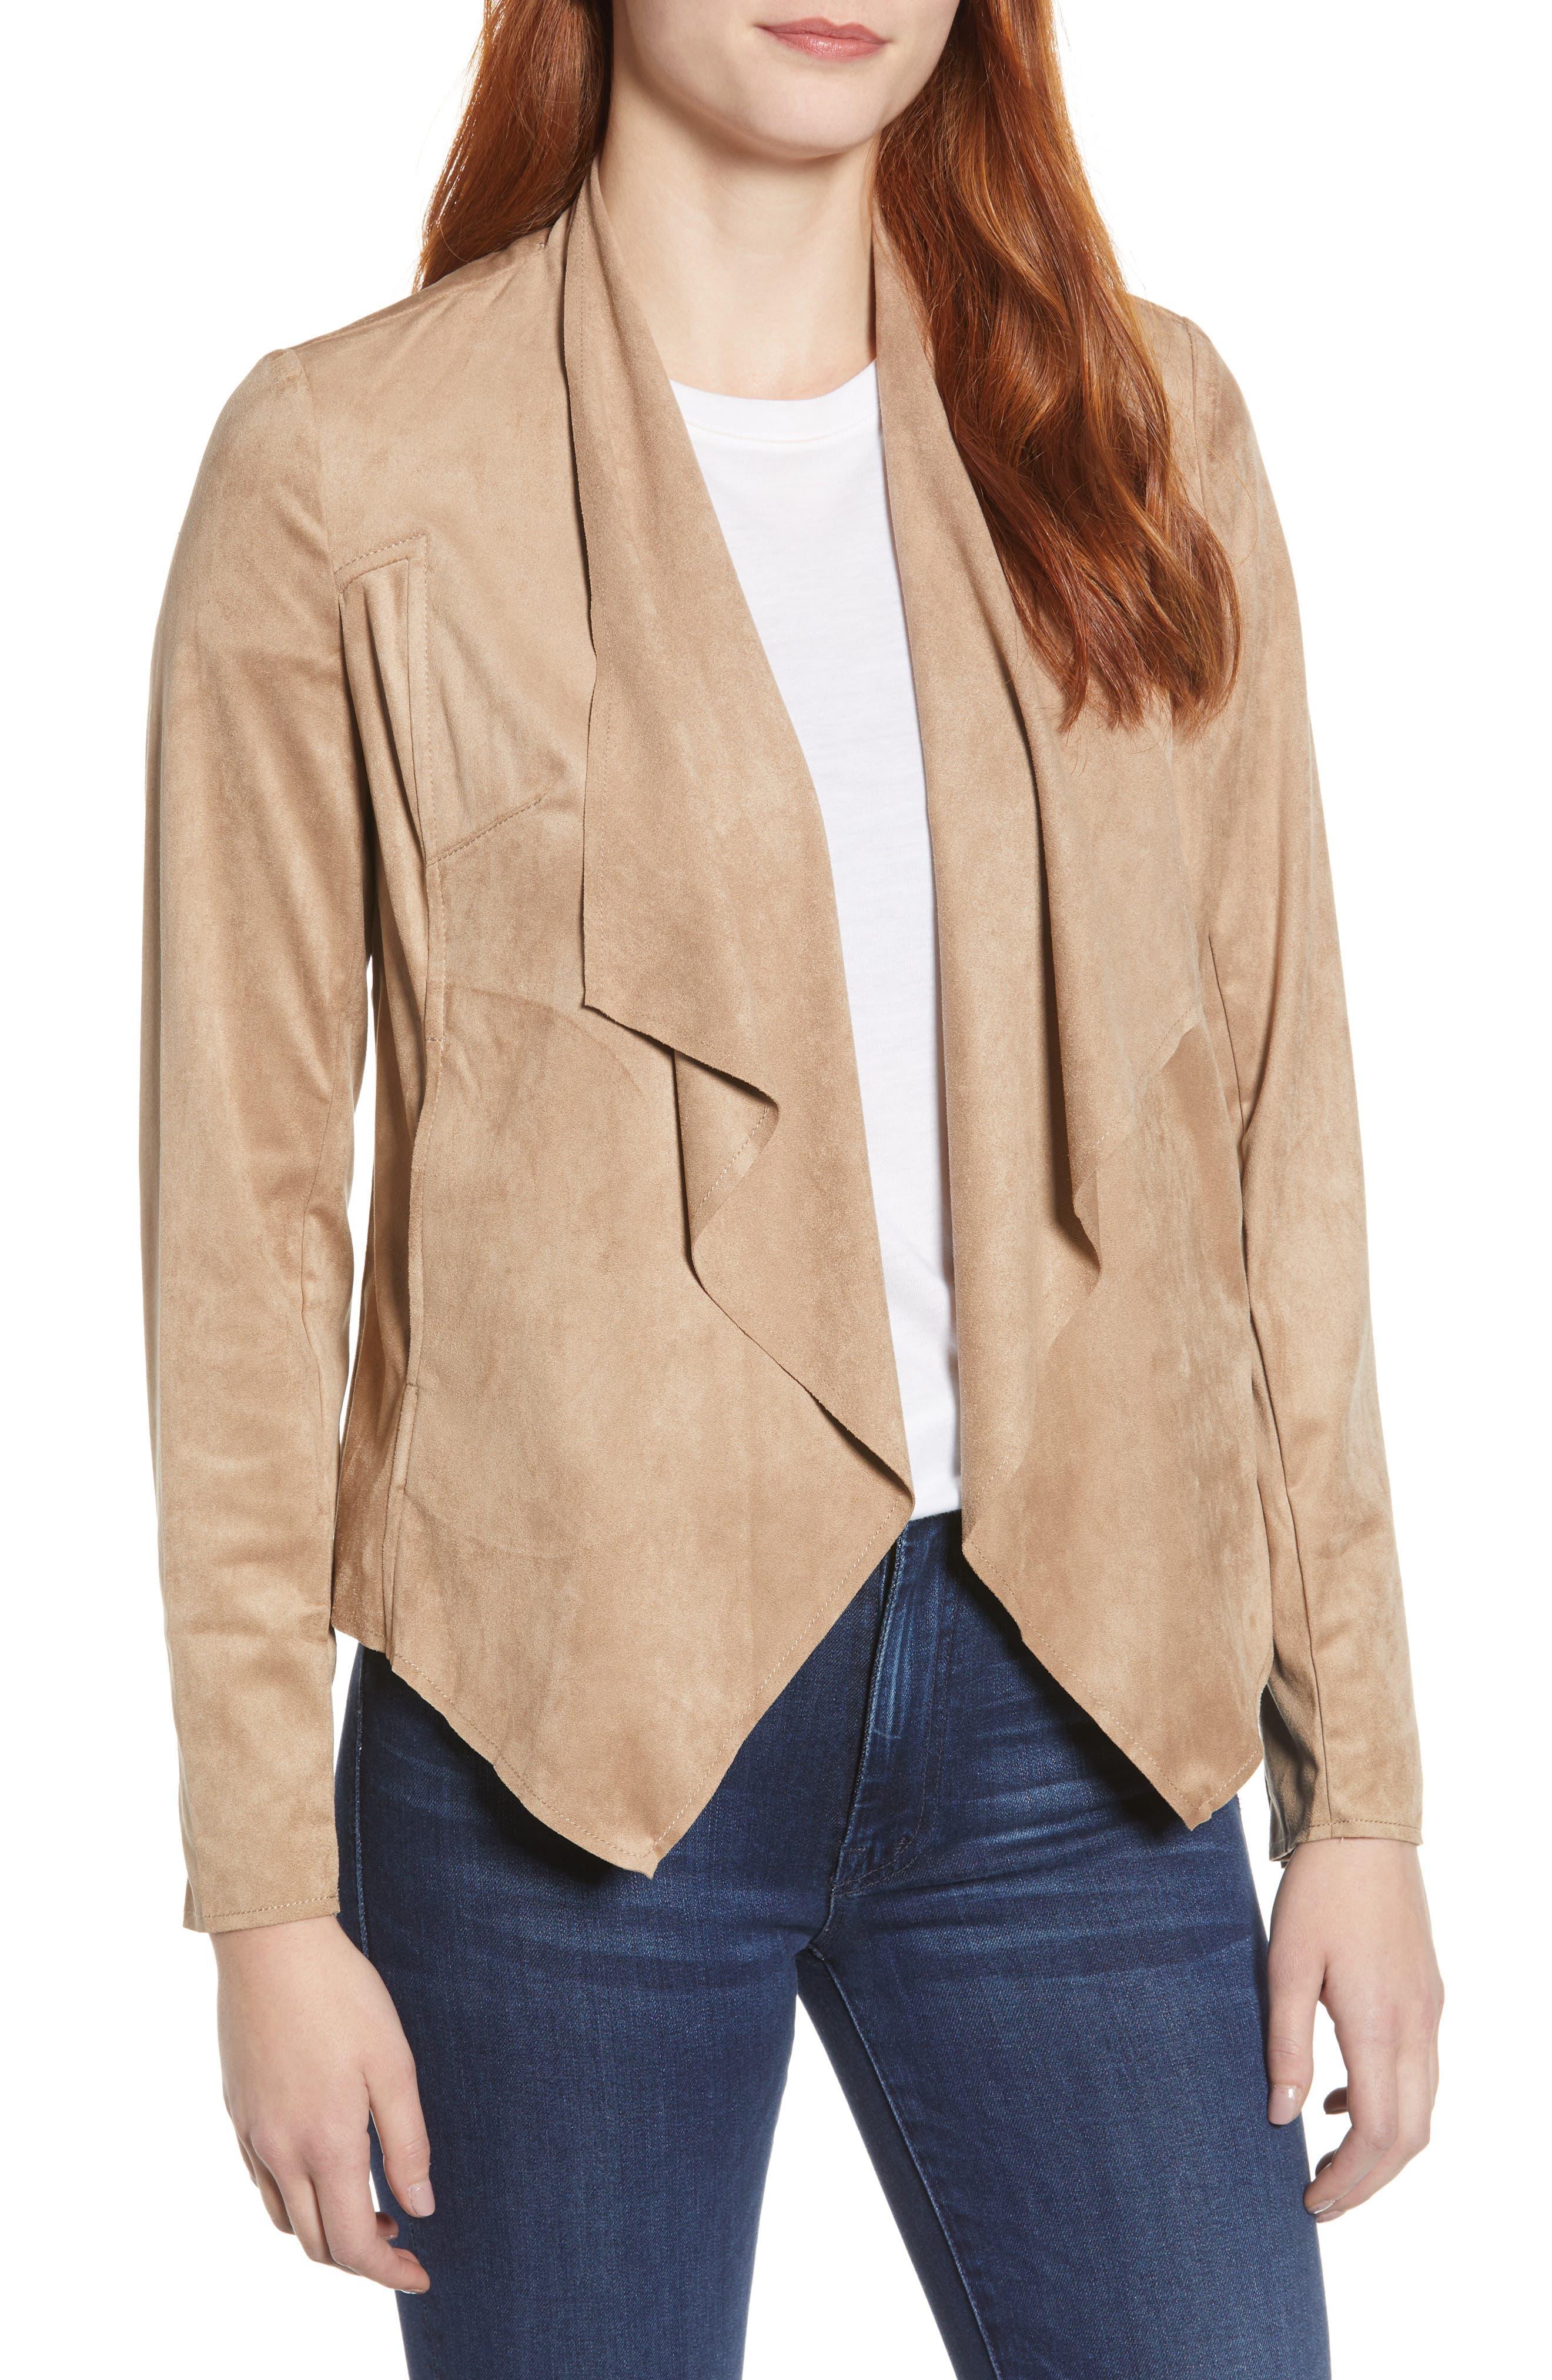 Tayanita Faux Suede Jacket,                         Main,                         color, 380